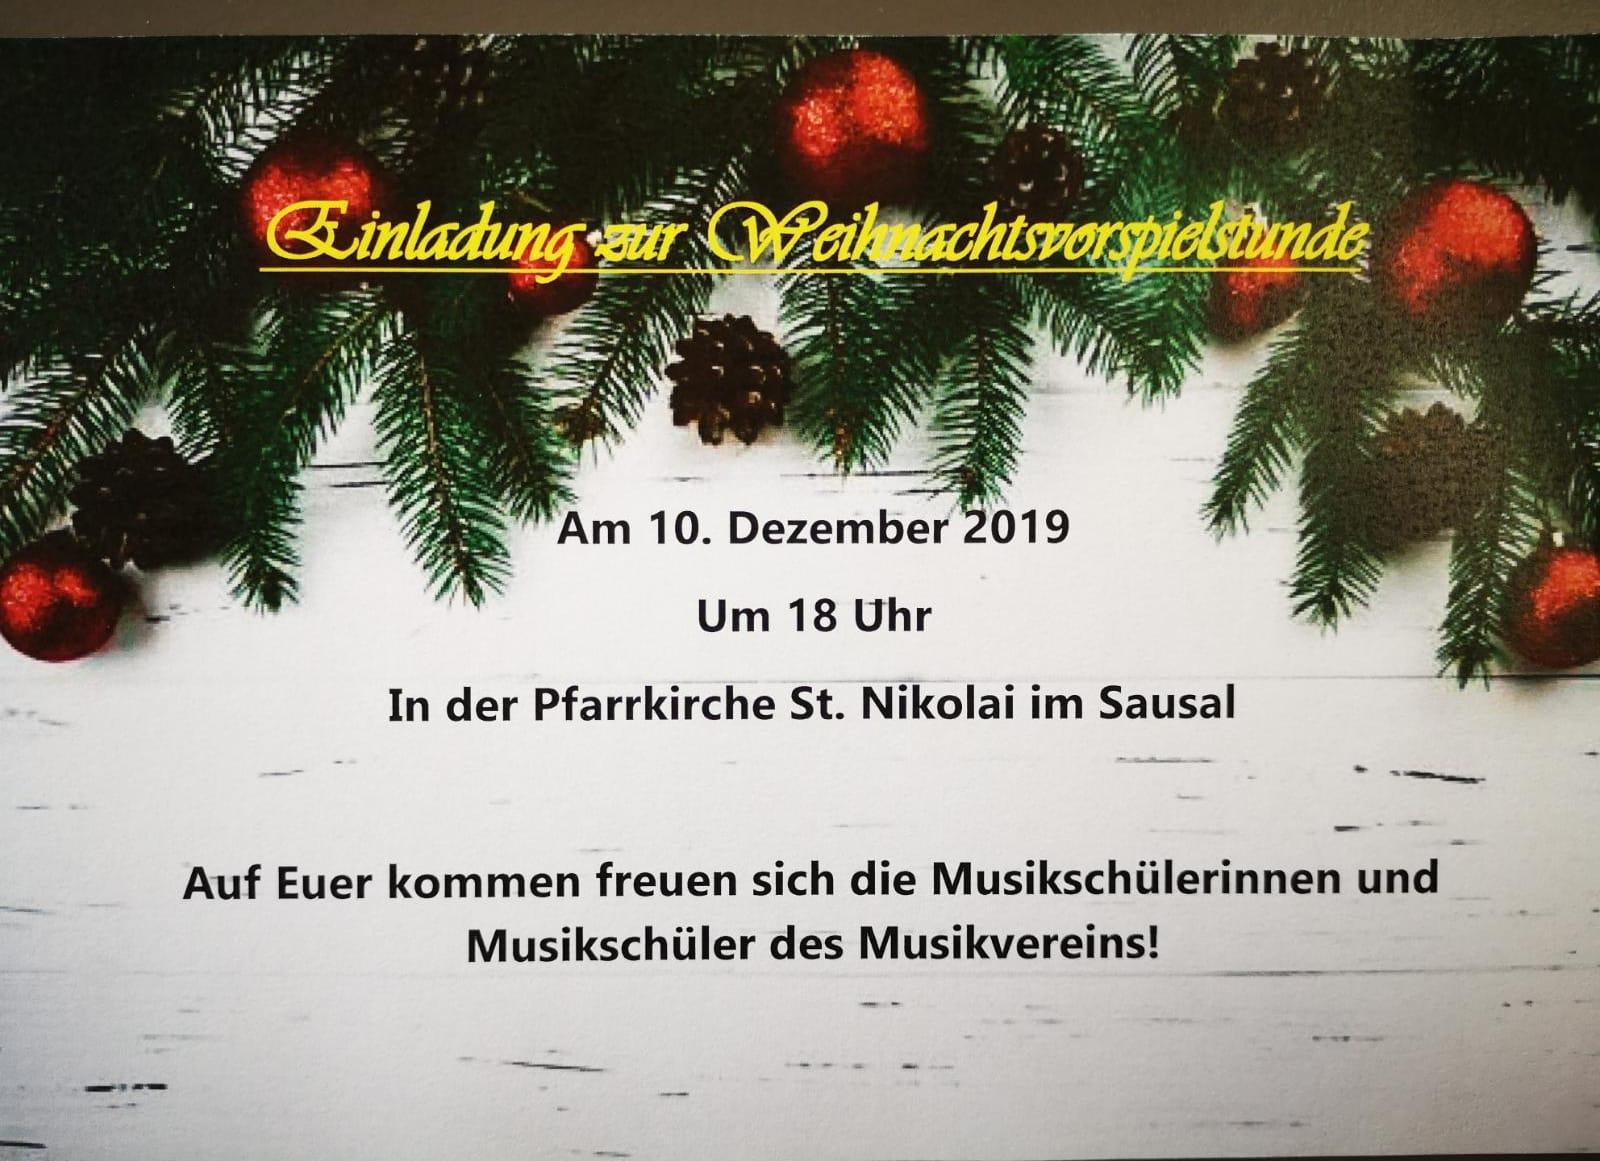 Einladung zur Weihnachtsvorspielstunde